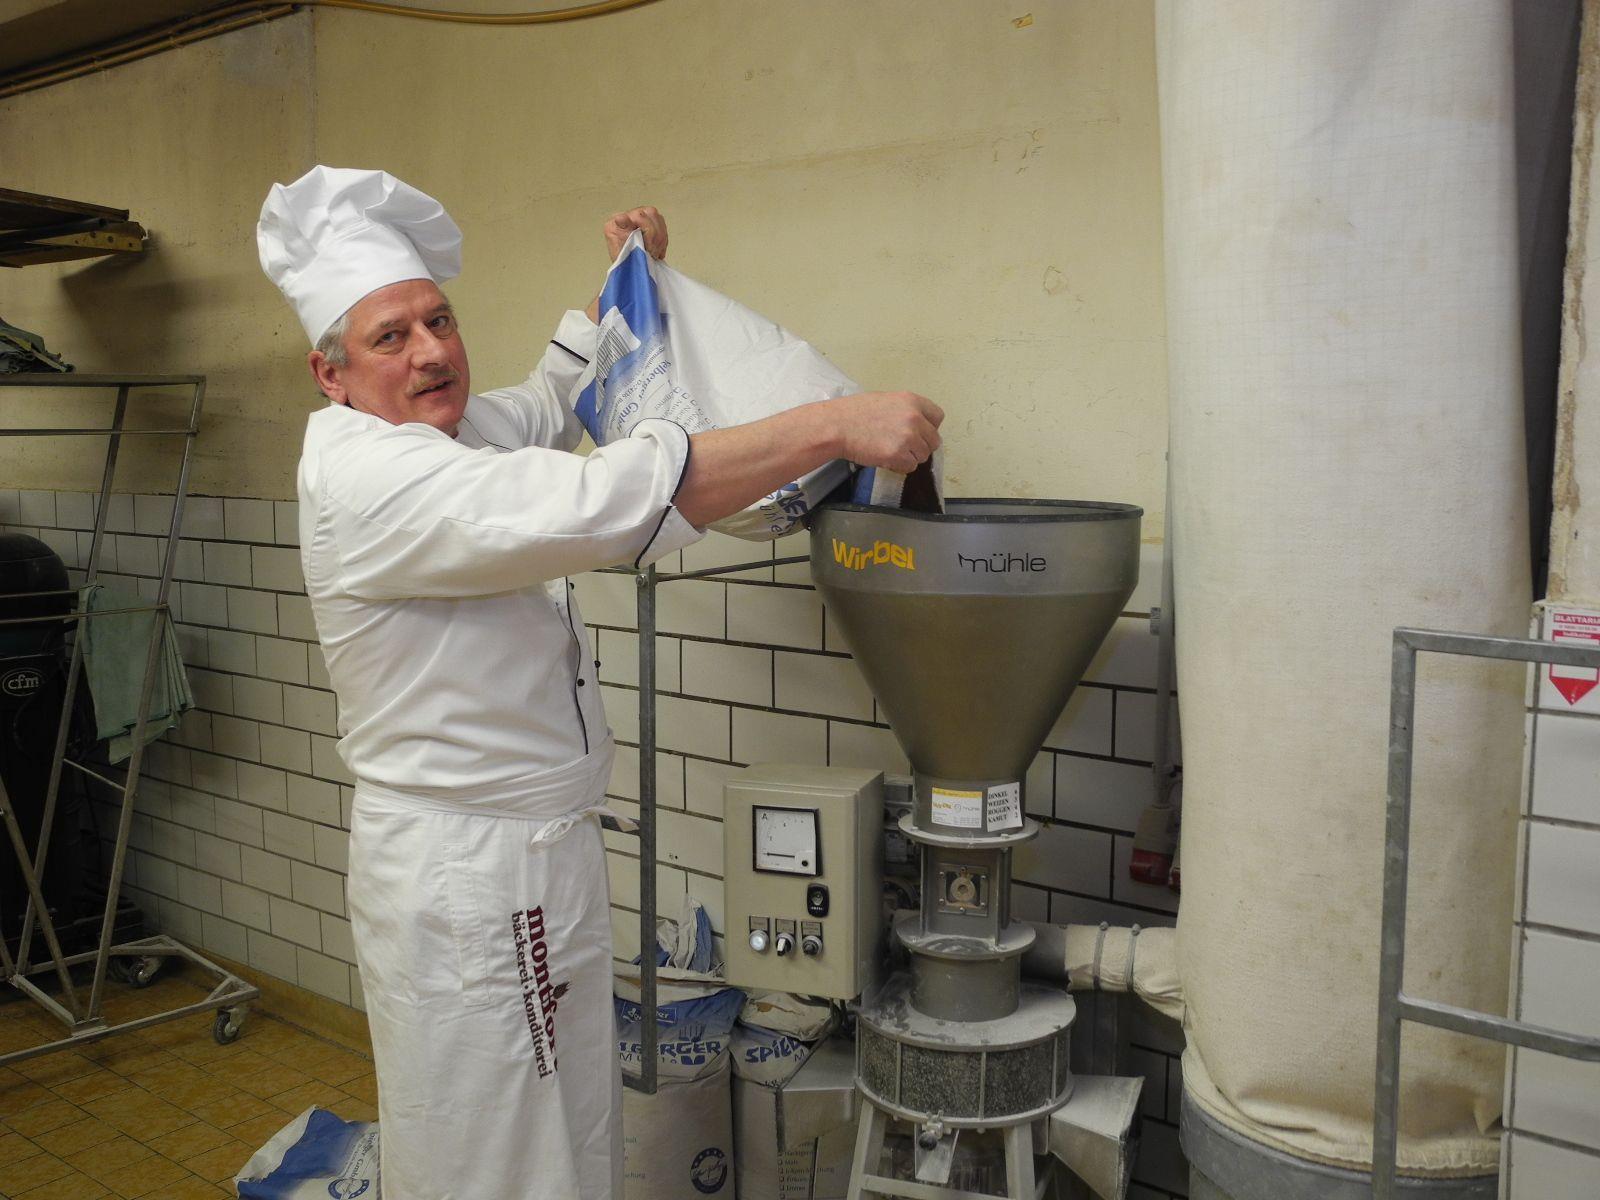 Manfred Kuster befüllt die Wirbel-Mühle mit Dinkelgetreide